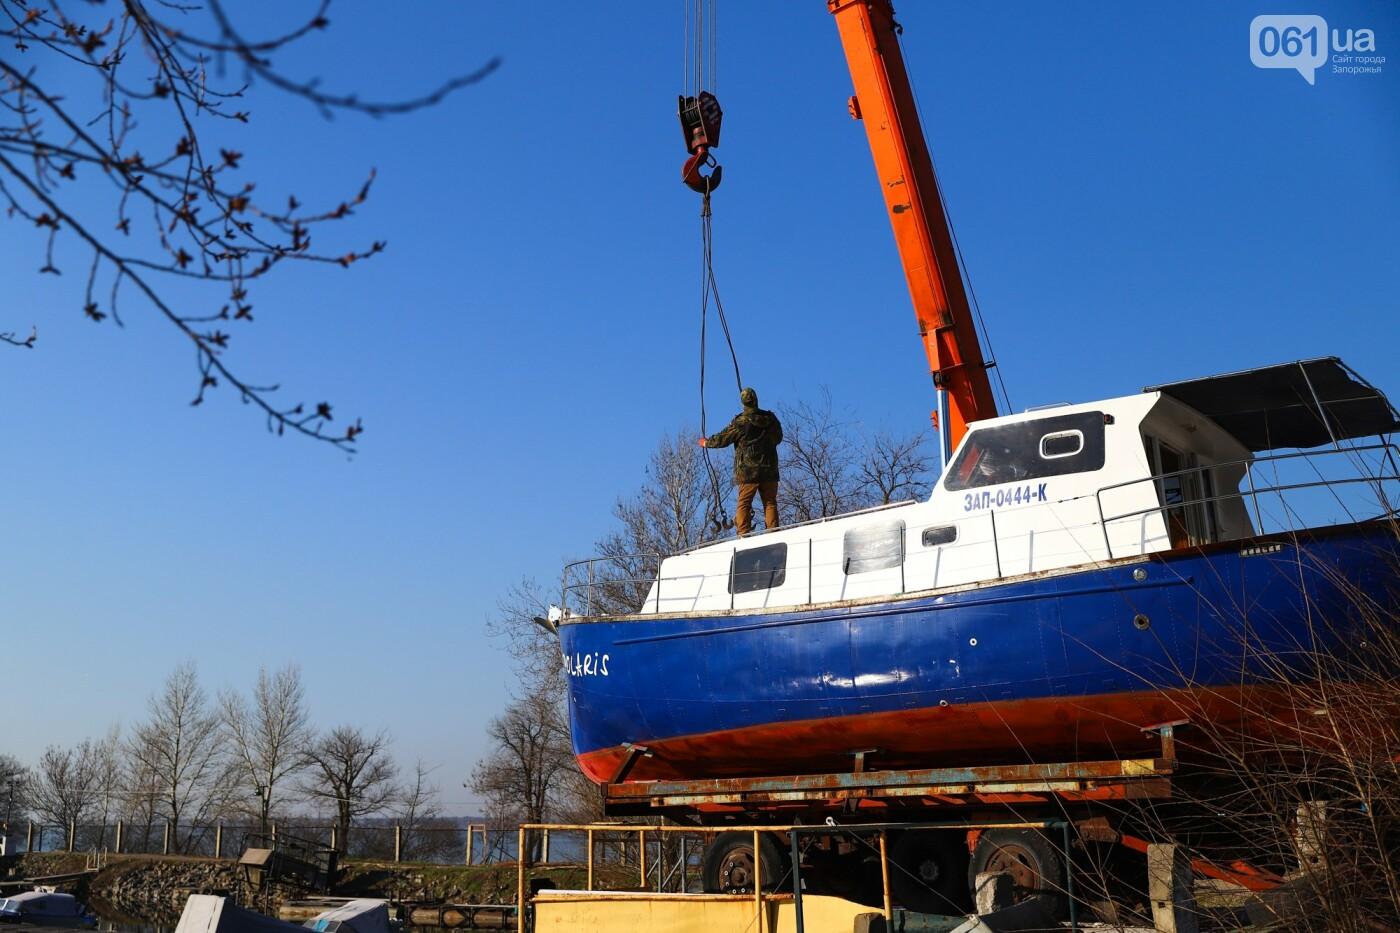 «Семь футов под килем!»: как в запорожском яхт-клубе спускали судна на воду, - ФОТОРЕПОРТАЖ , фото-2